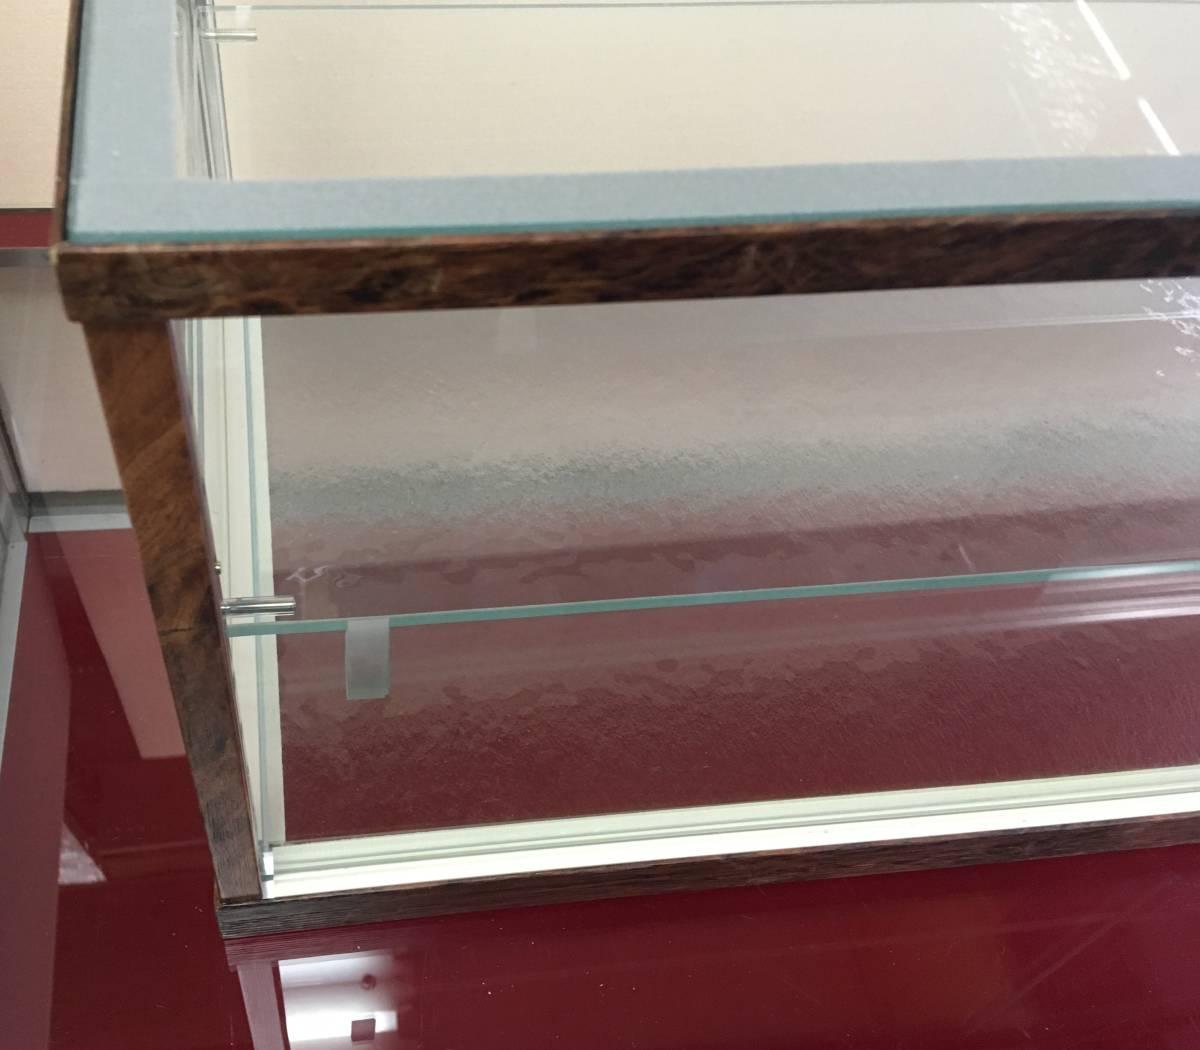 アンティーク調ガラスケース ショーケース 幅75㎝高さ28.5㎝ コレクションケースにも_画像5